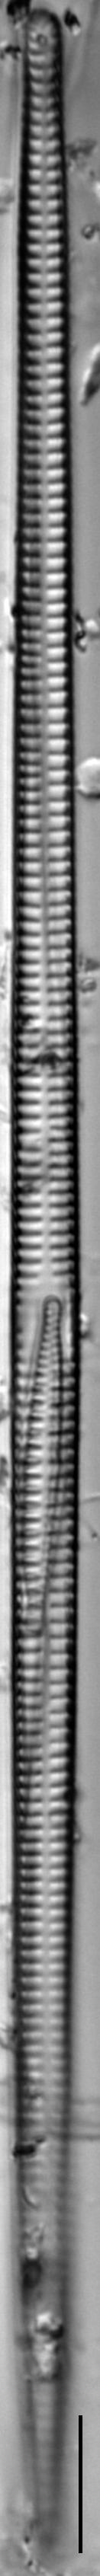 Ulnaria delicatissima LM19